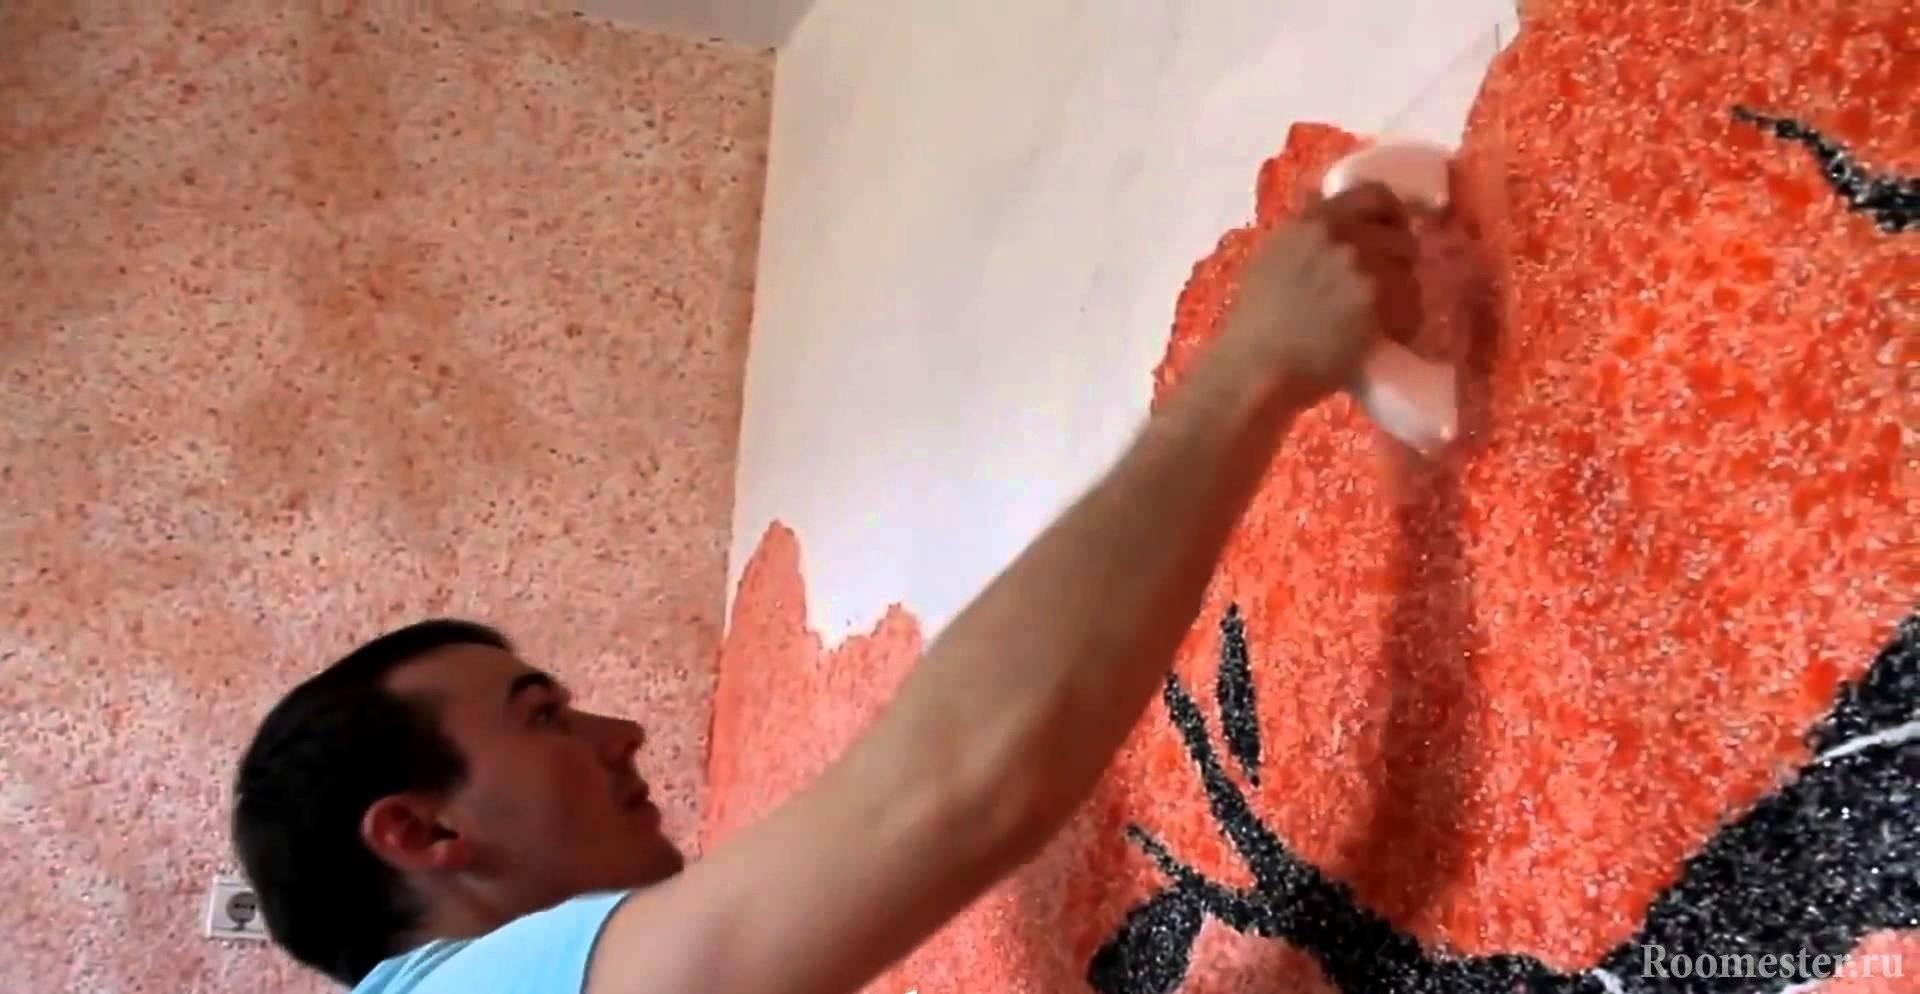 Жидкие обои – как их наносить на стену: пошаговая инструкция